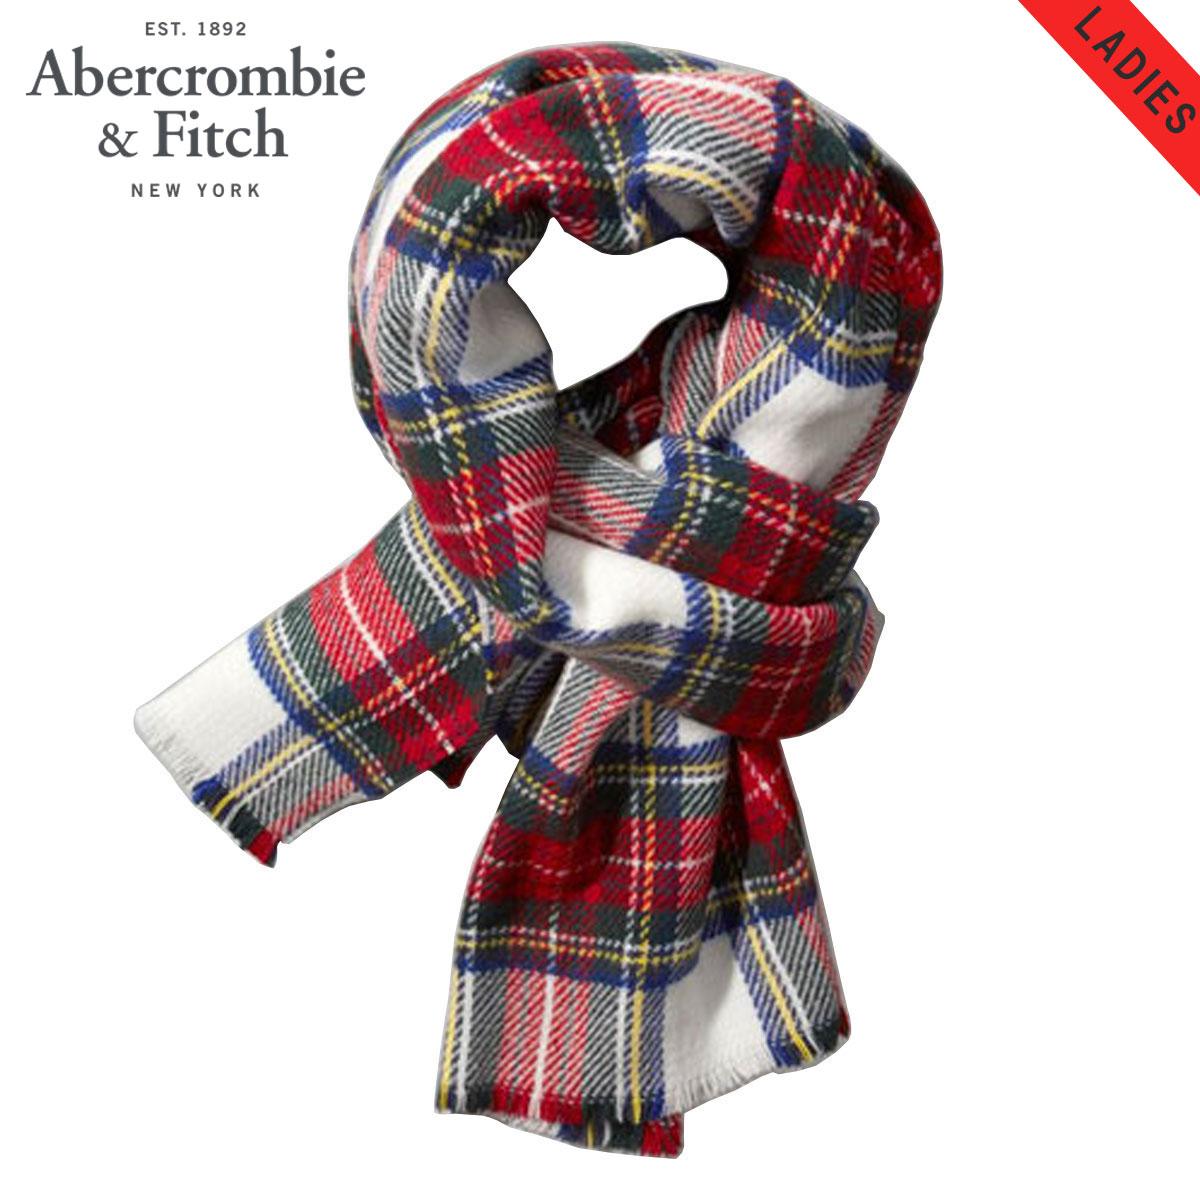 【販売期間 1/18 10:00〜1/22 9:59】 アバクロ Abercrombie&Fitch 正規品 スカーフ TheBlanketScarf 154-540-0326-009